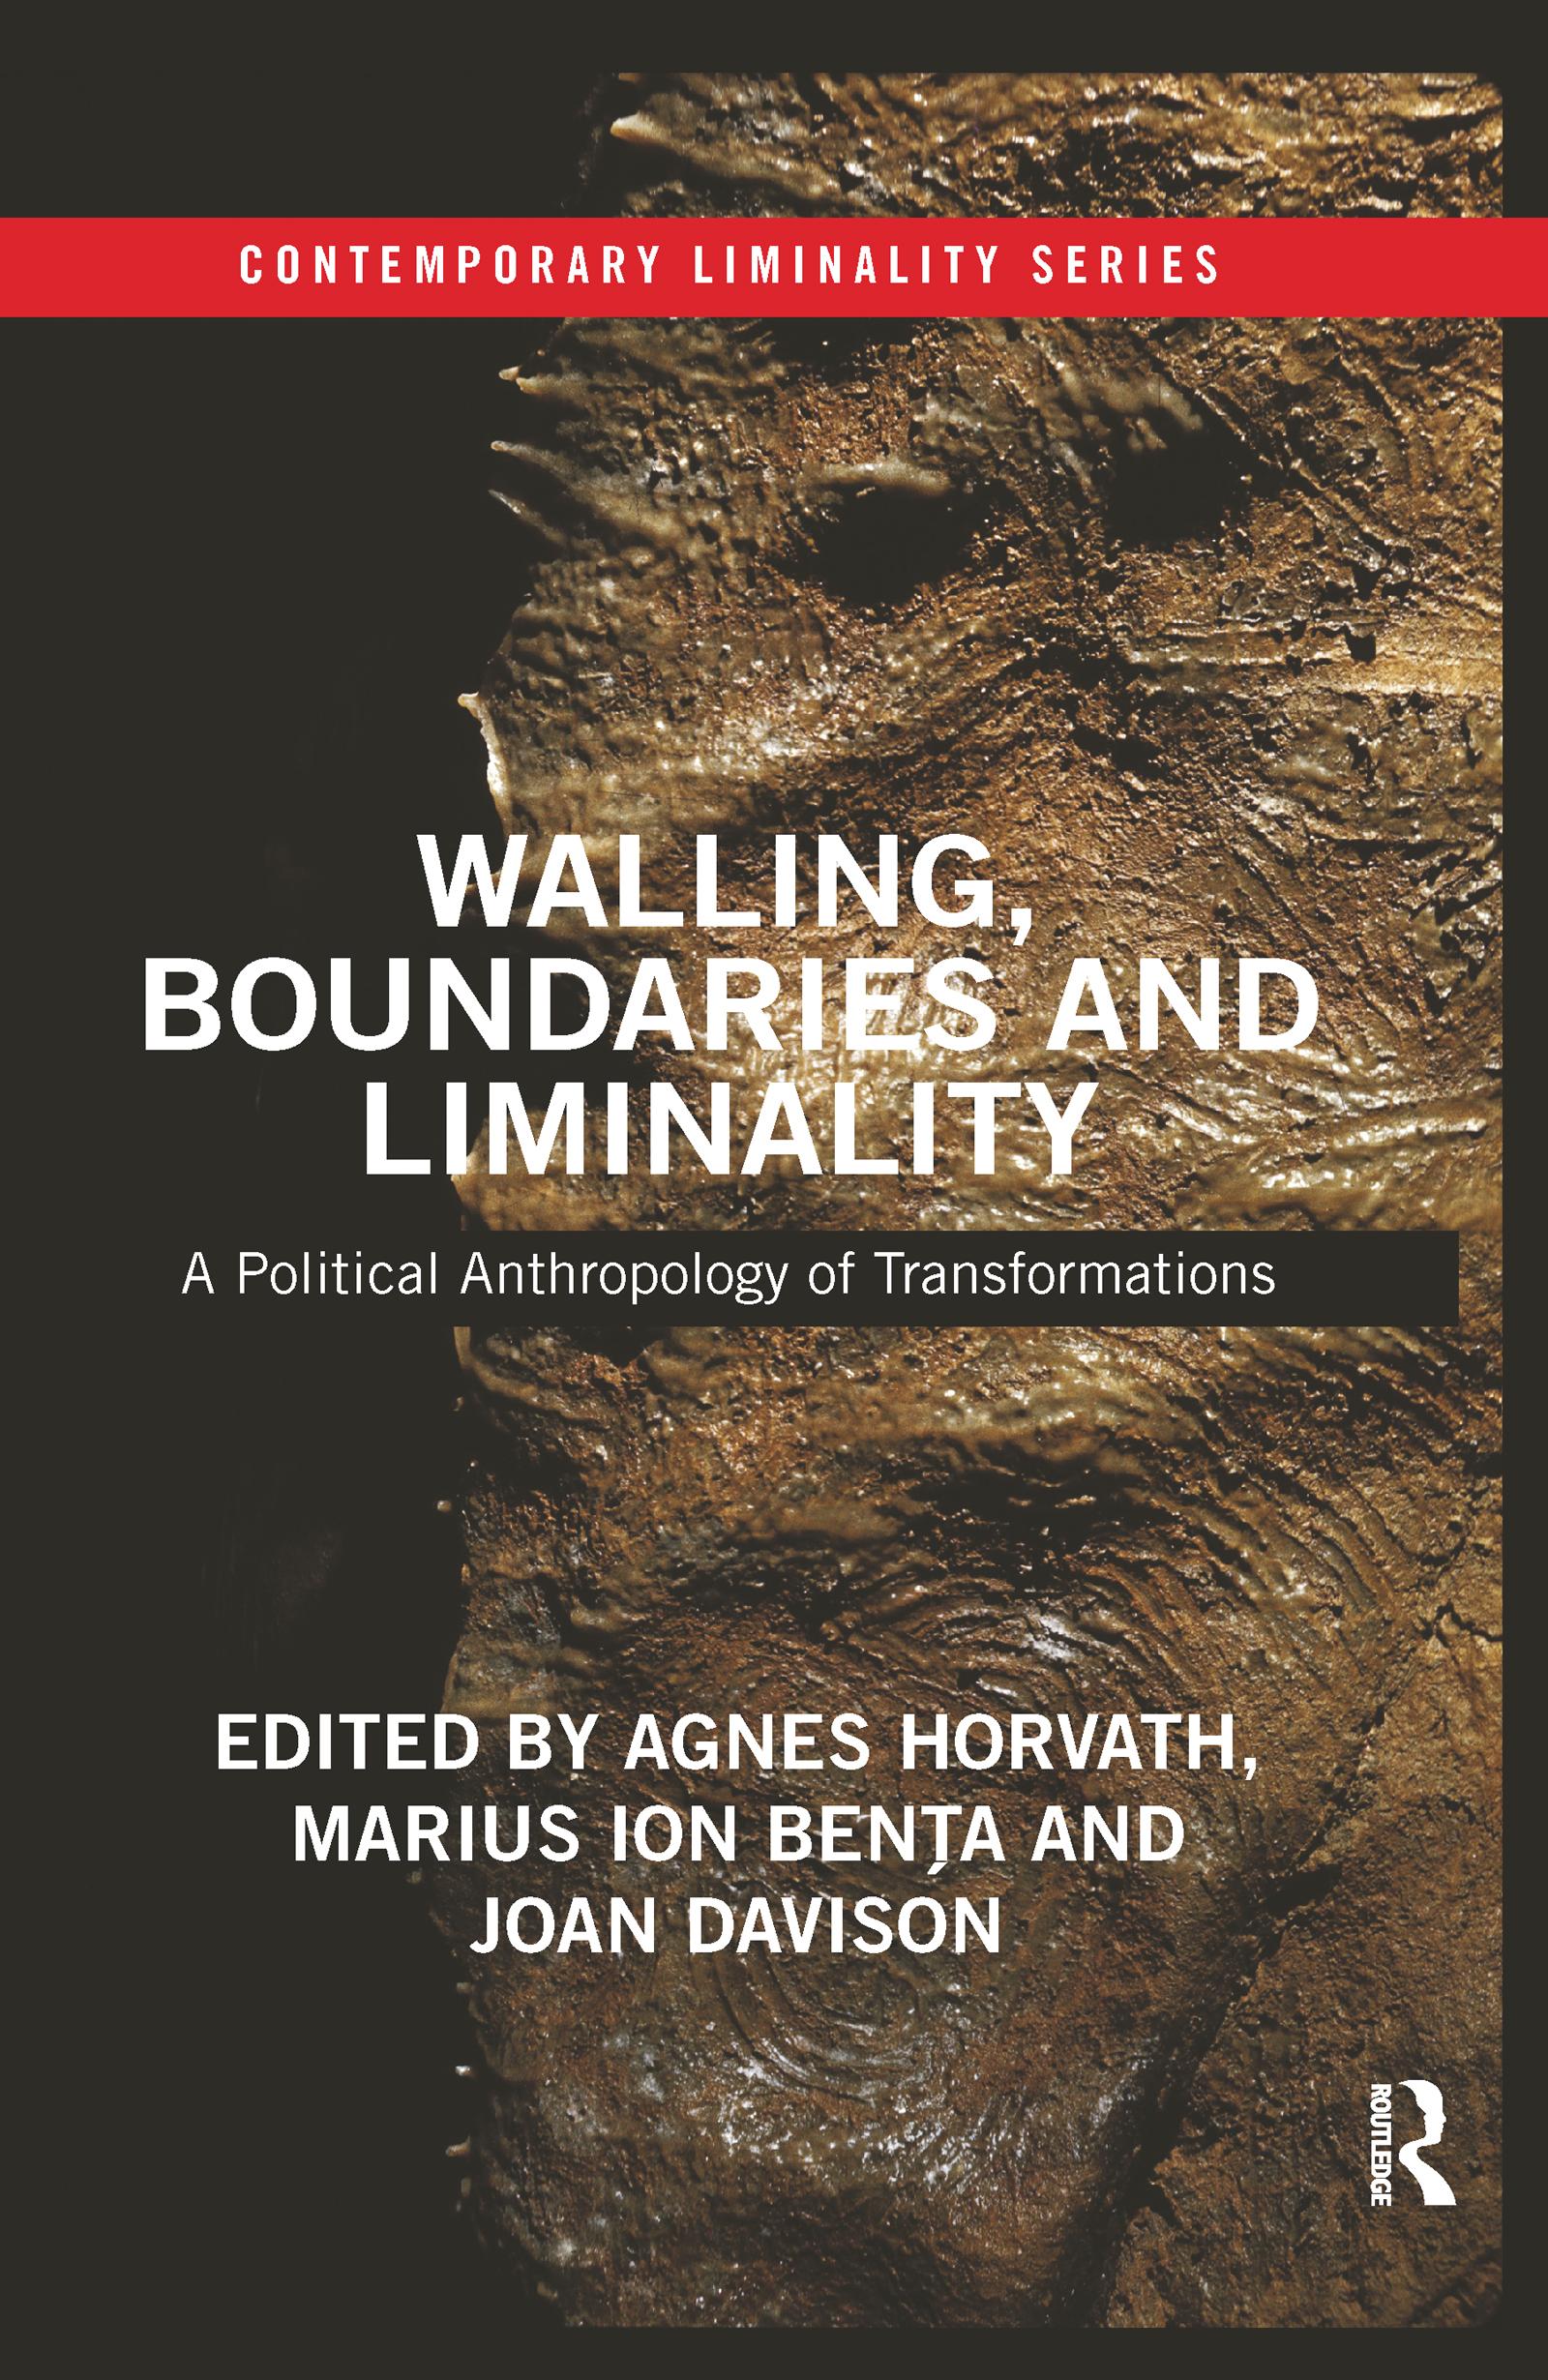 Walling, Boundaries and Liminality